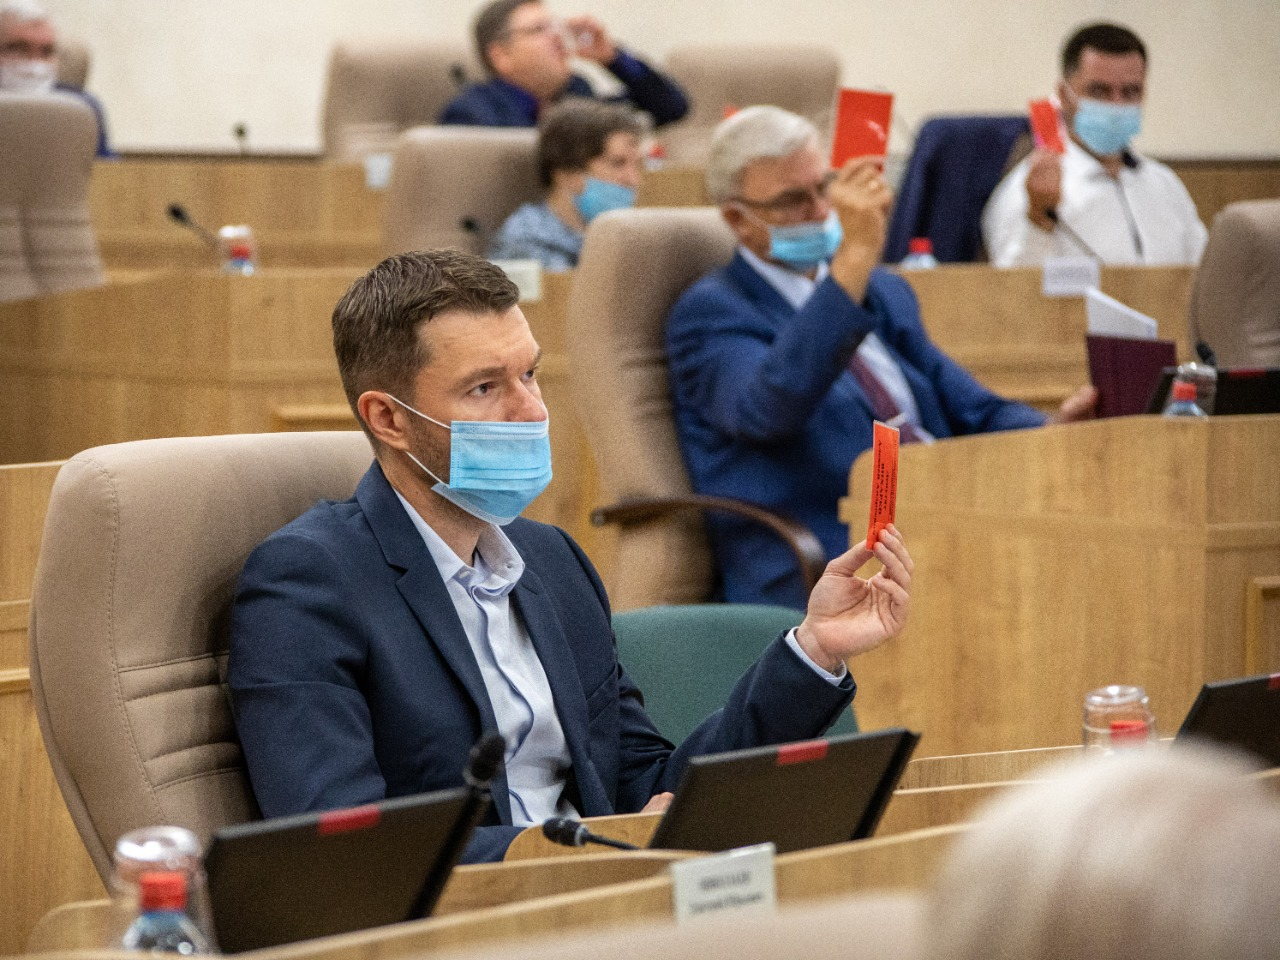 Прошло заседание гордумы. Новым почетным гражданином Екатеринбурга единогласно